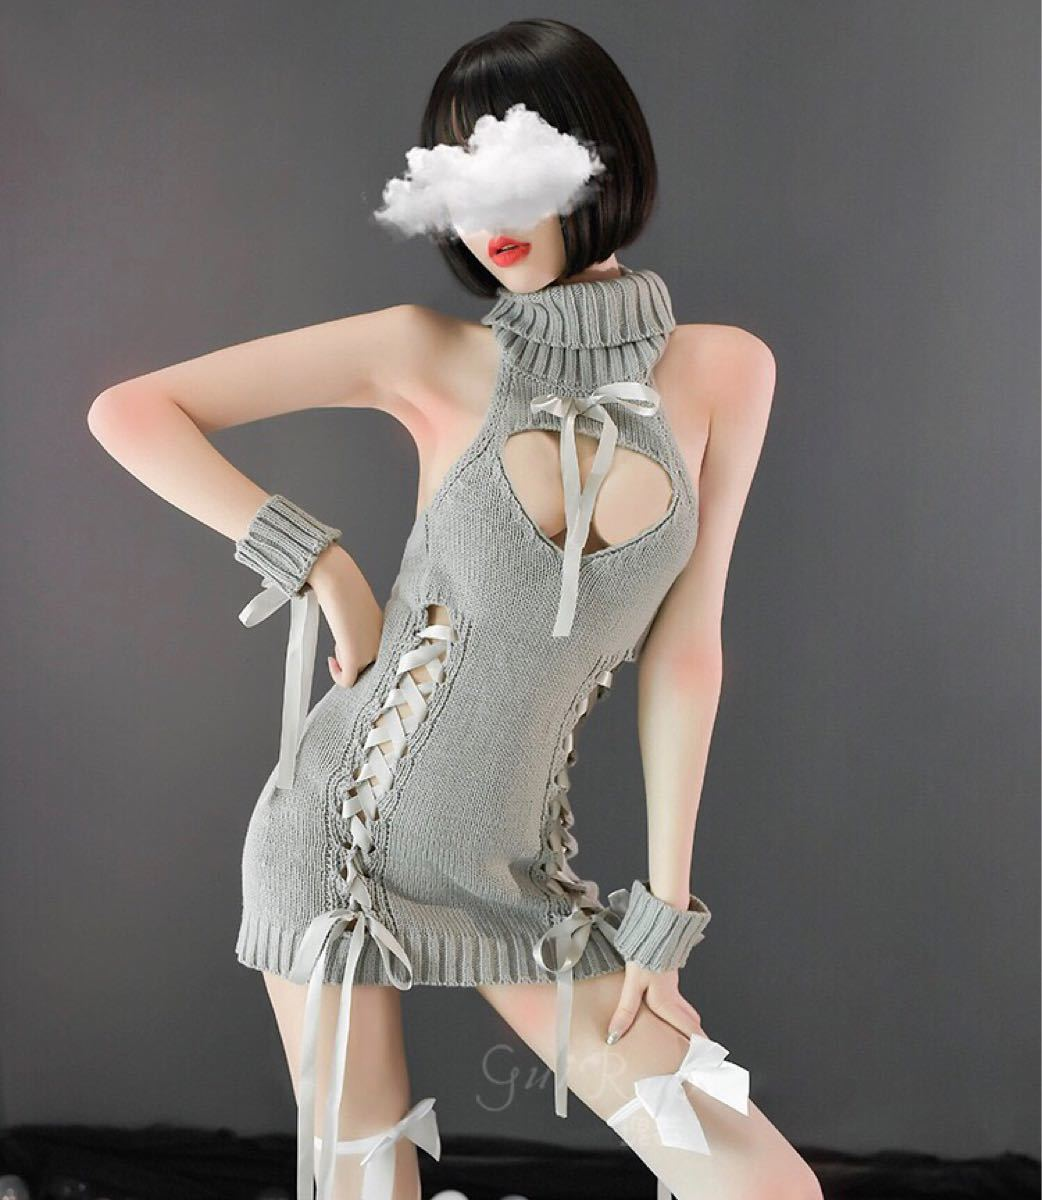 タイトワンピース エロかわ キャバ嬢 コスプレ衣装 ボディコン 小悪魔 sexy